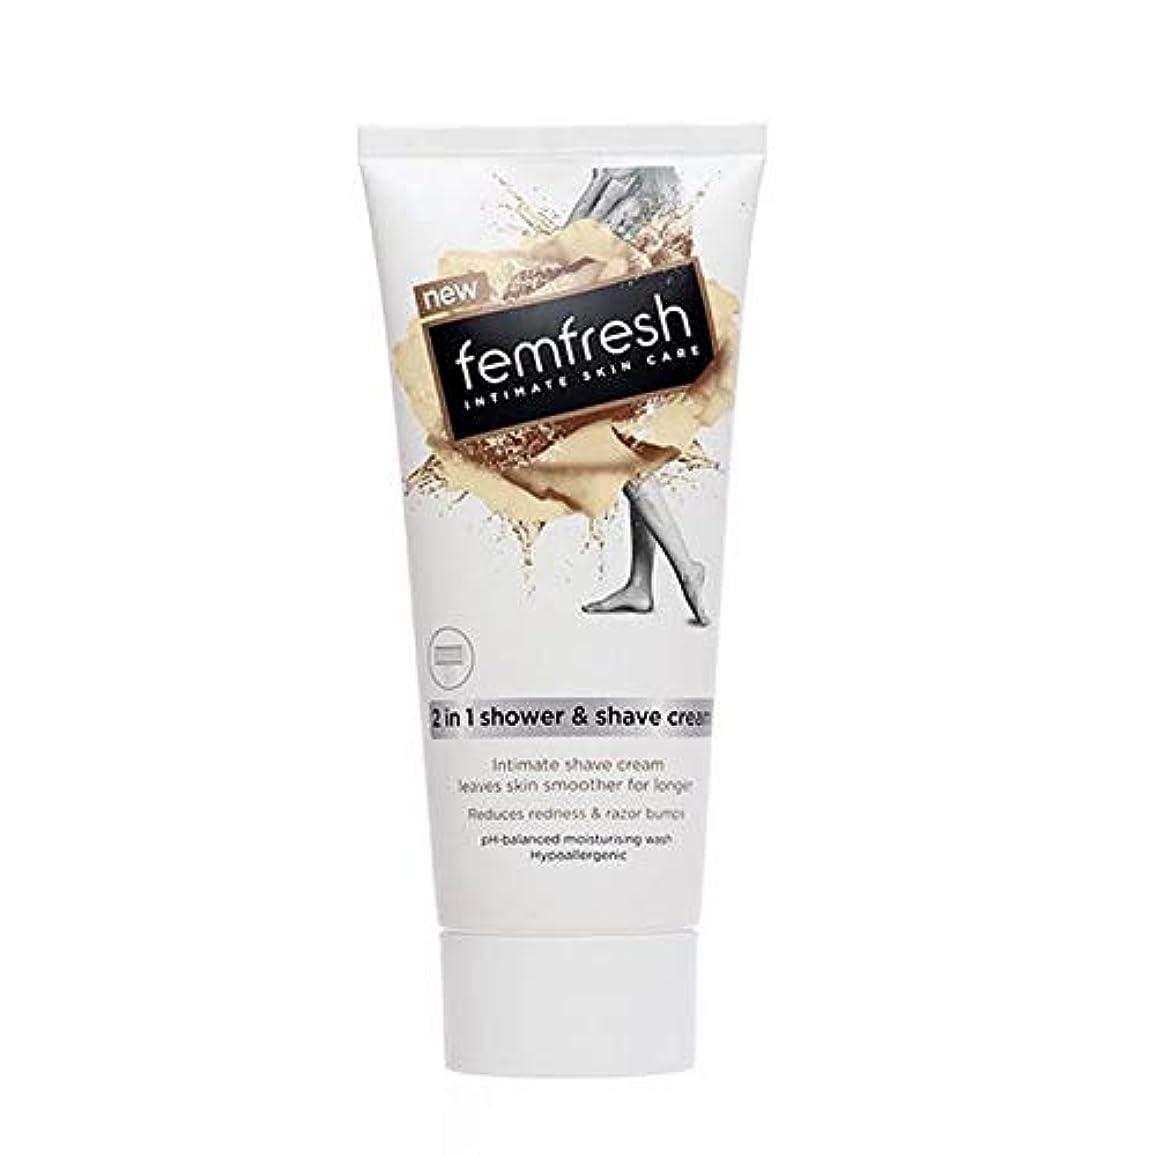 サポート現実でる[Femfresh] Femfreshシャワー&シェーブクリーム200ミリリットル - Femfresh Shower & Shave Cream 200ml [並行輸入品]